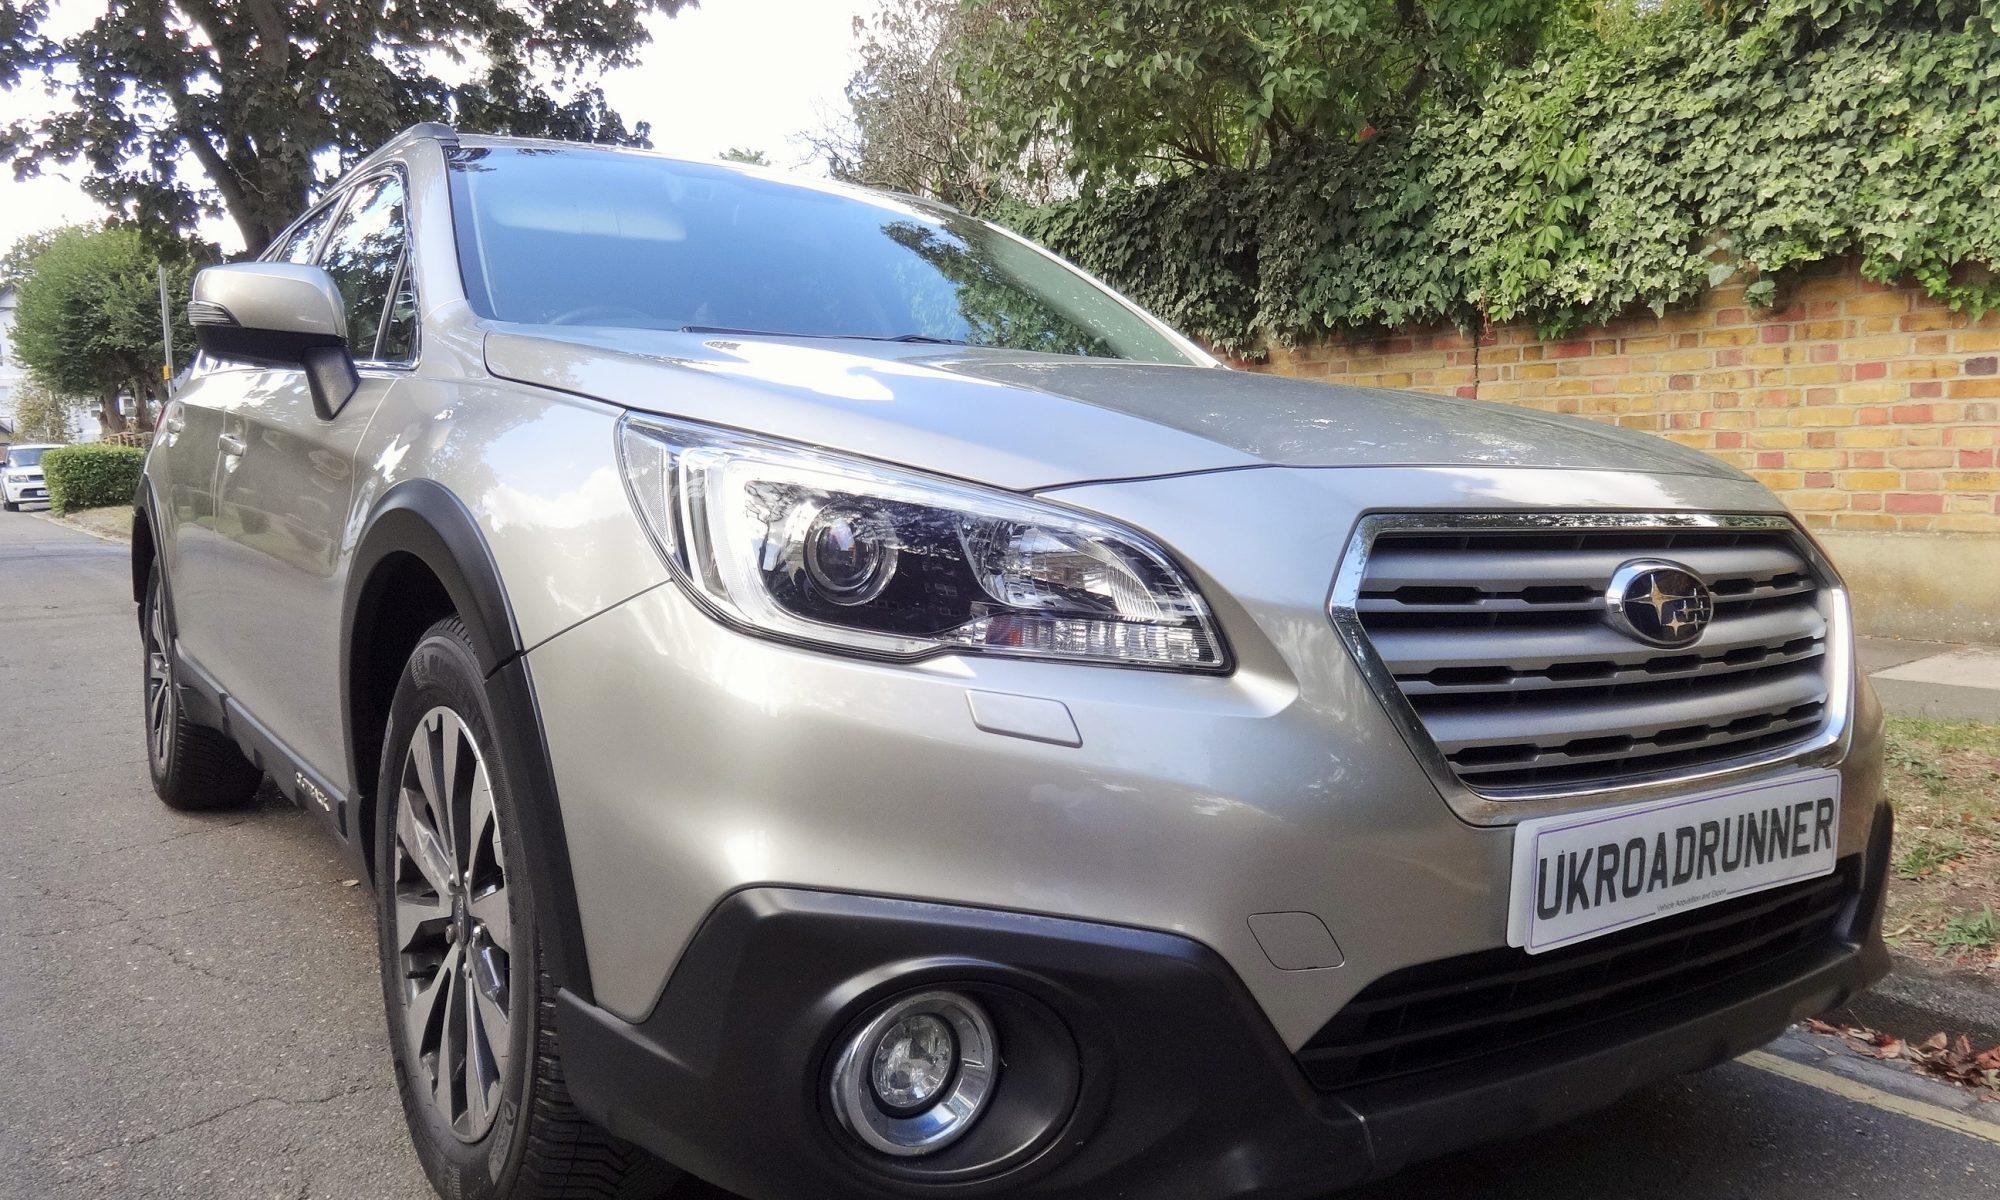 DSC09417 Copy 2000x1200 - Buy used cars in Kenya